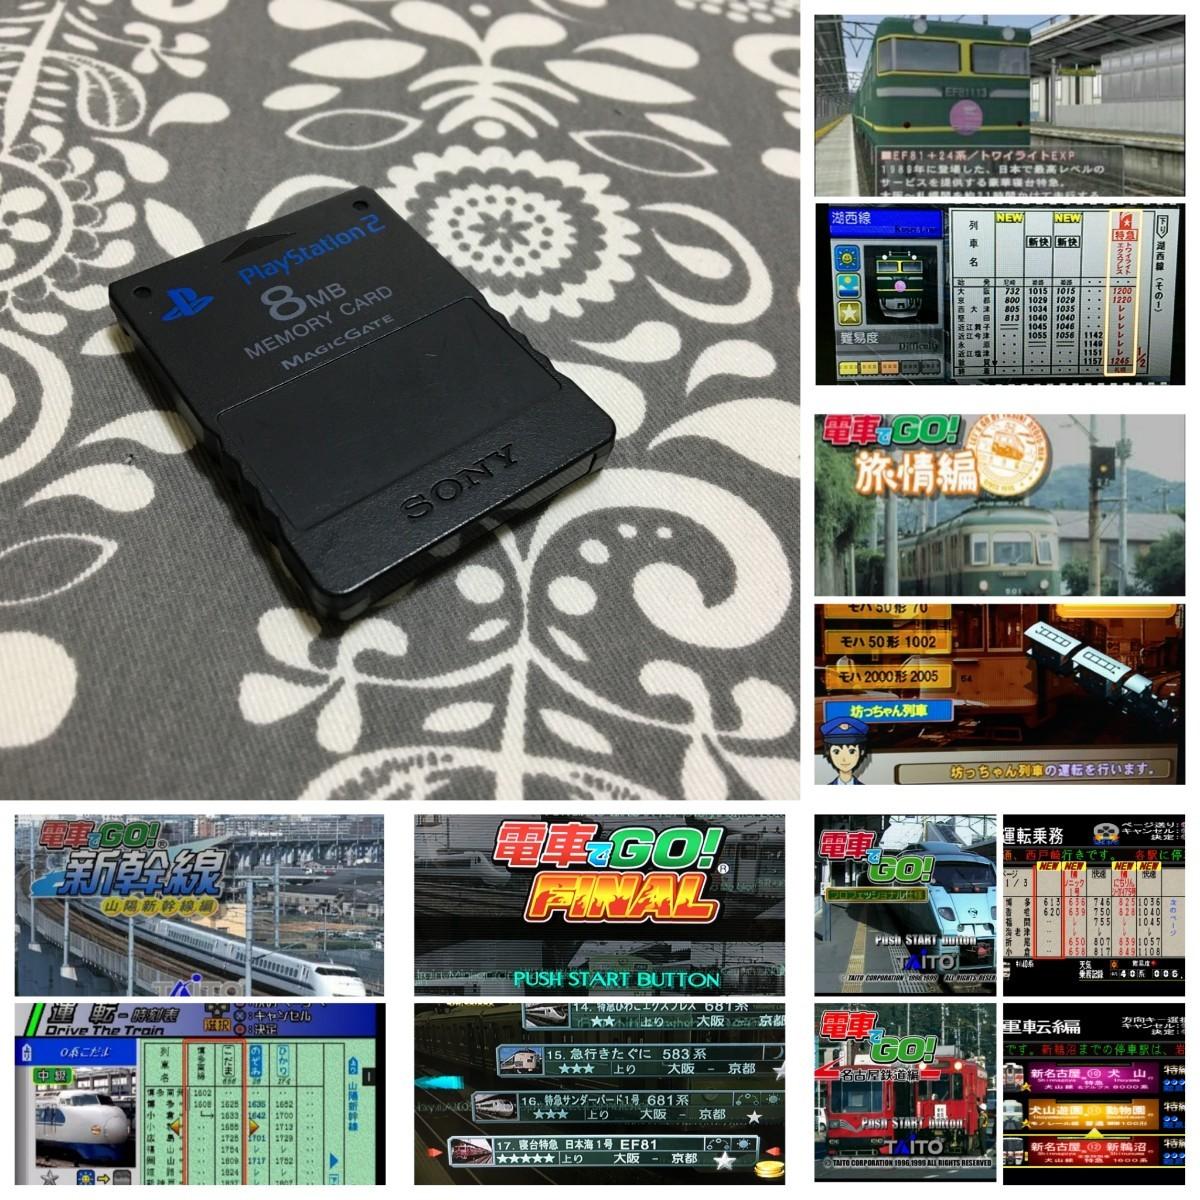 プレイステーション2 メモリーカード